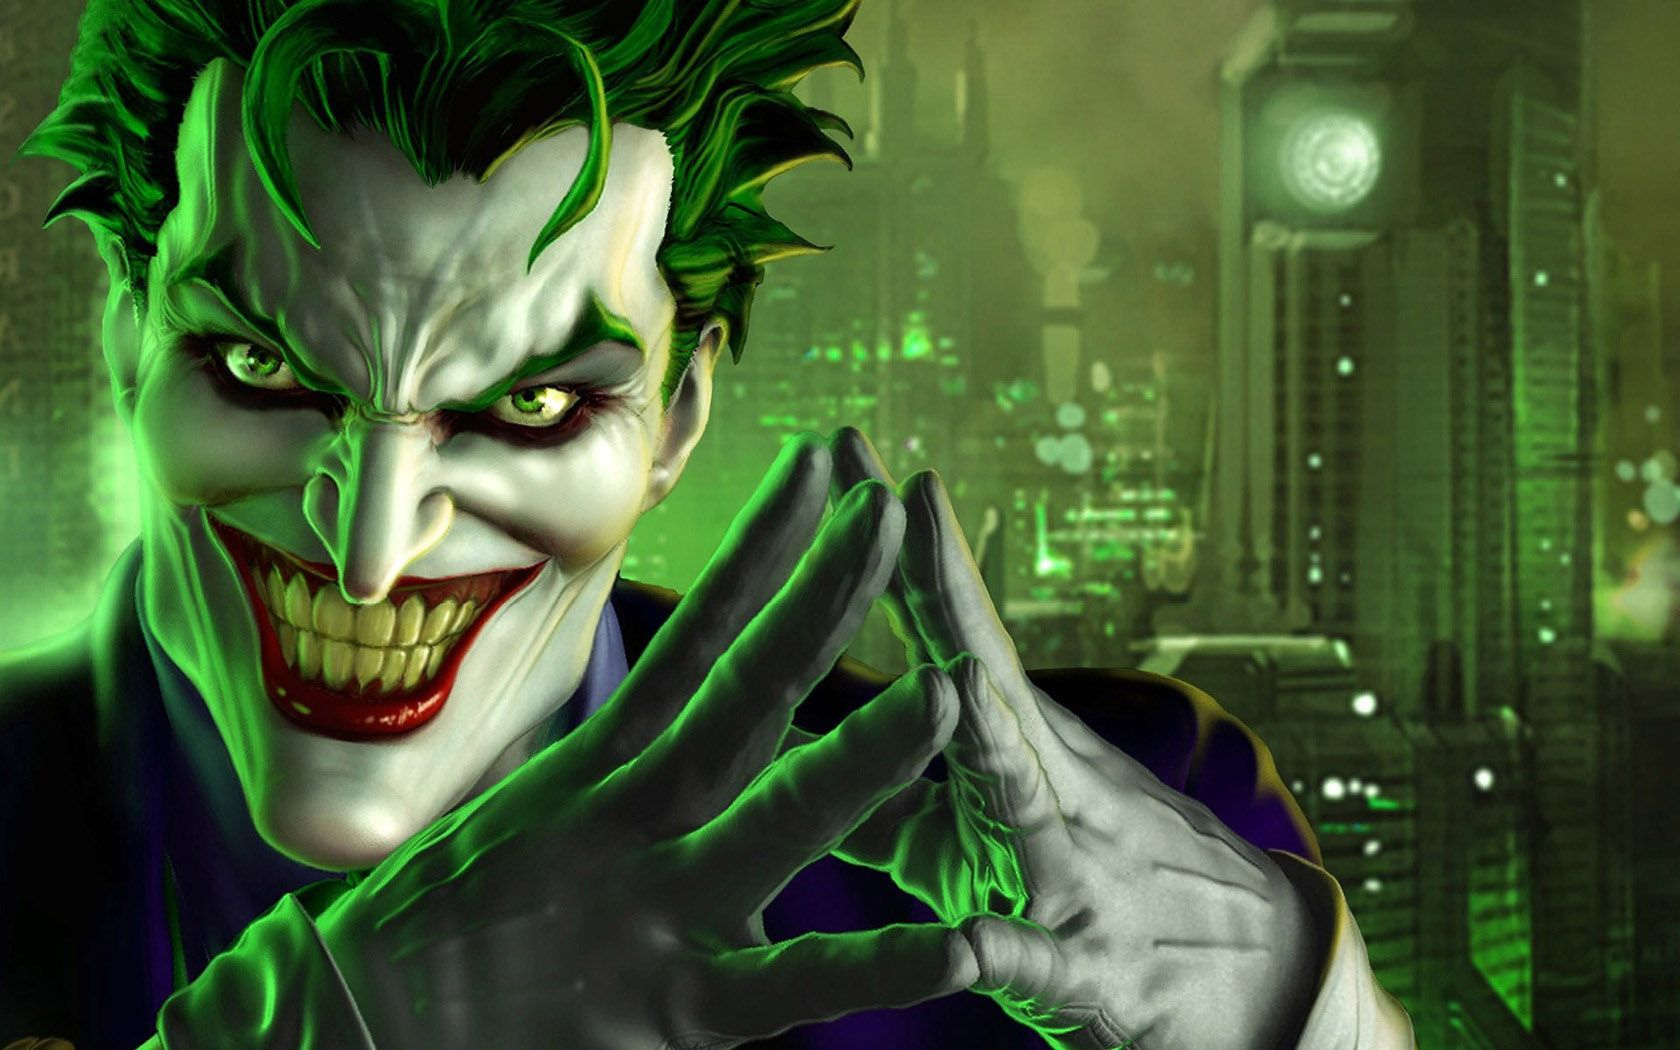 3D Wallpaper - Joker